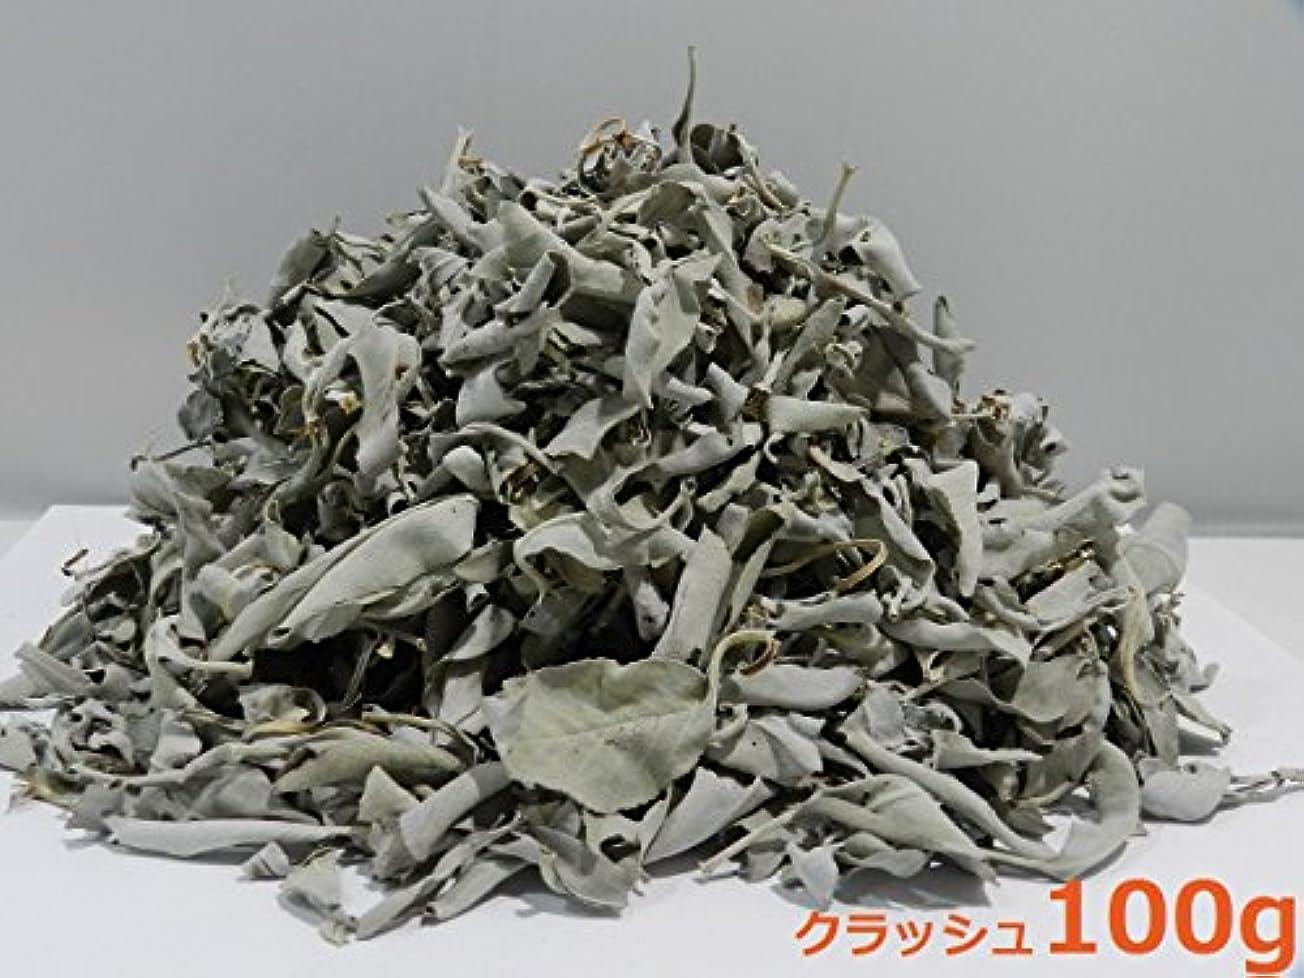 チャンバー対称建築カリフォルニア産 浄化用 ホワイトセージ /White Sage クラッシュ 100g☆海外輸入品